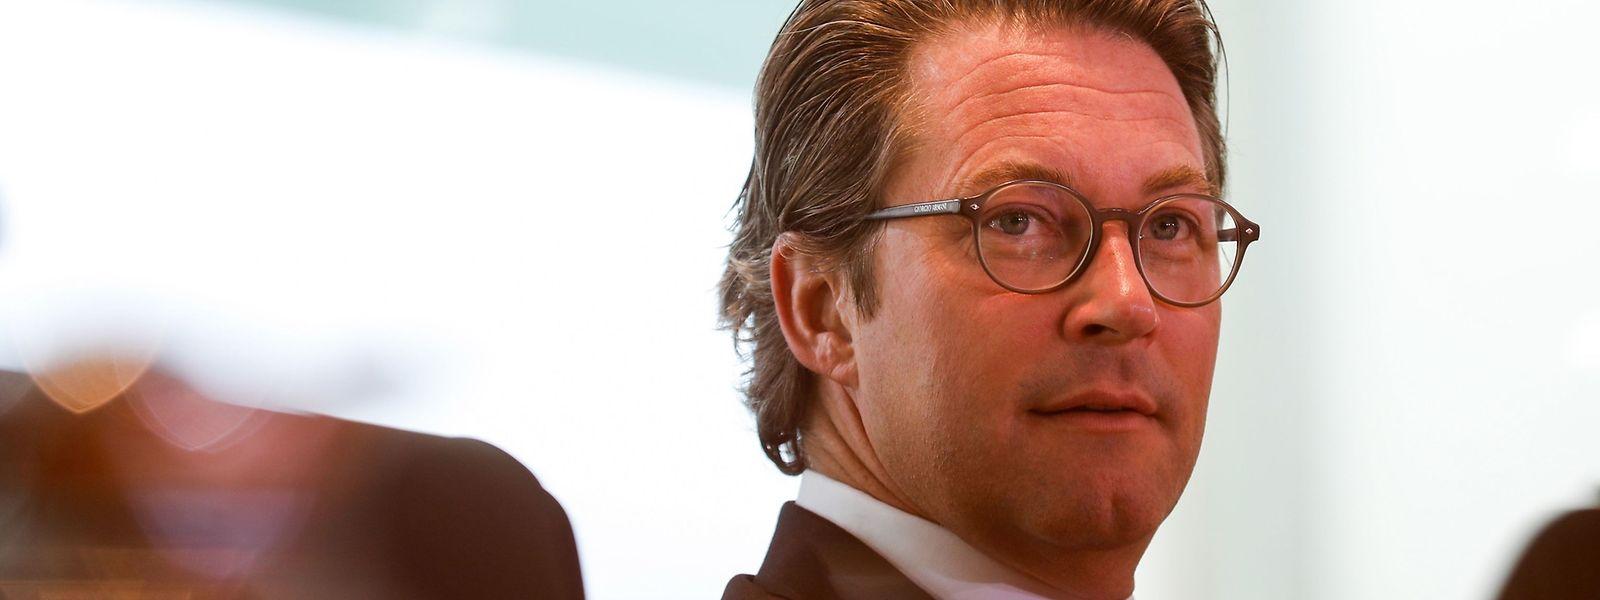 Die Grünen werfen dem deutschen Verkehrsminister Andreas Scheuer vor, nach dem Maut-Desaster weiter die Aufklärung zu blockieren.